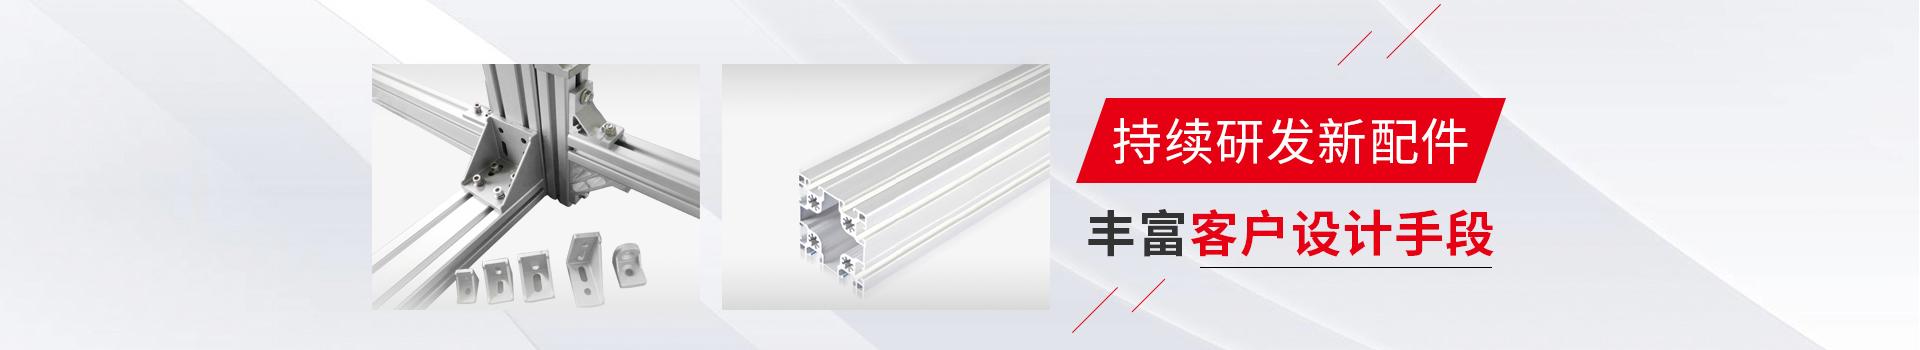 铝型材配件   持续研发新配件   丰富客户设计手段